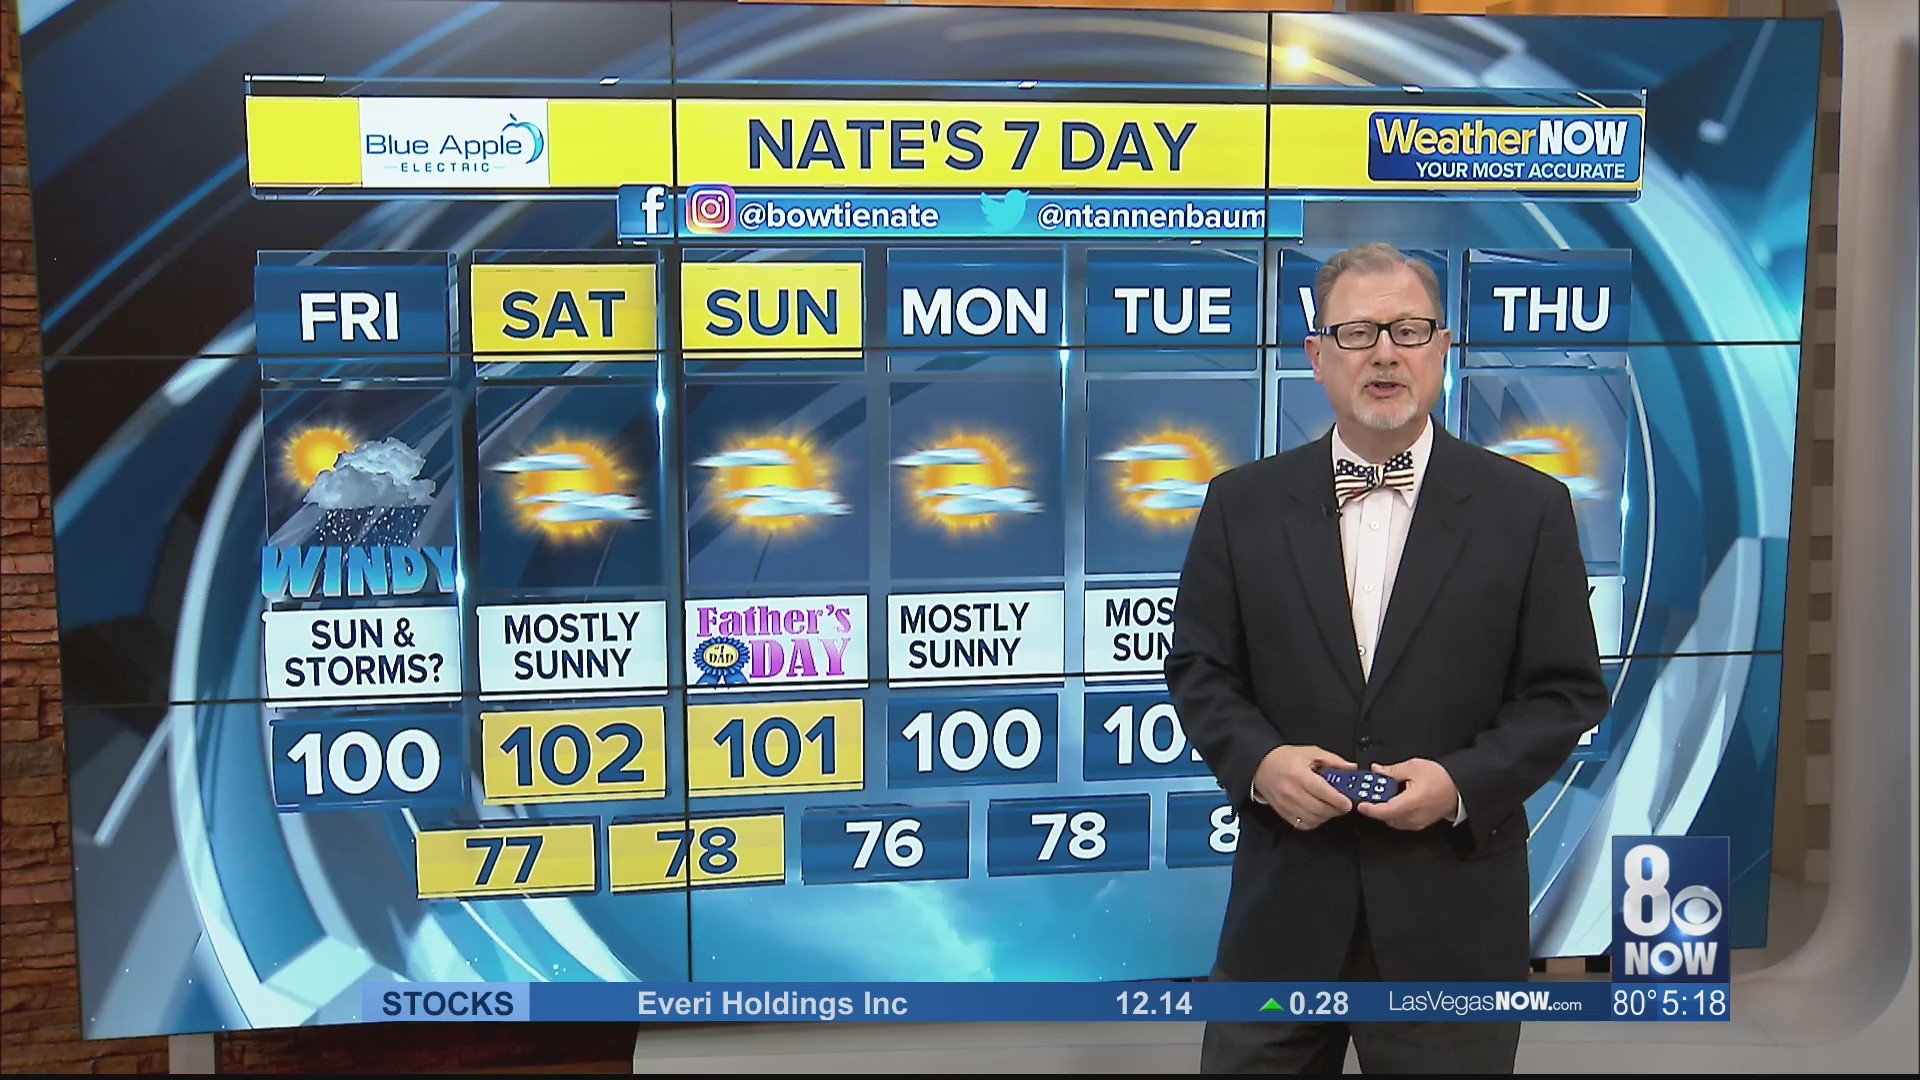 Nate's 7-Day Forecast - Friday morning, June 14, 2019